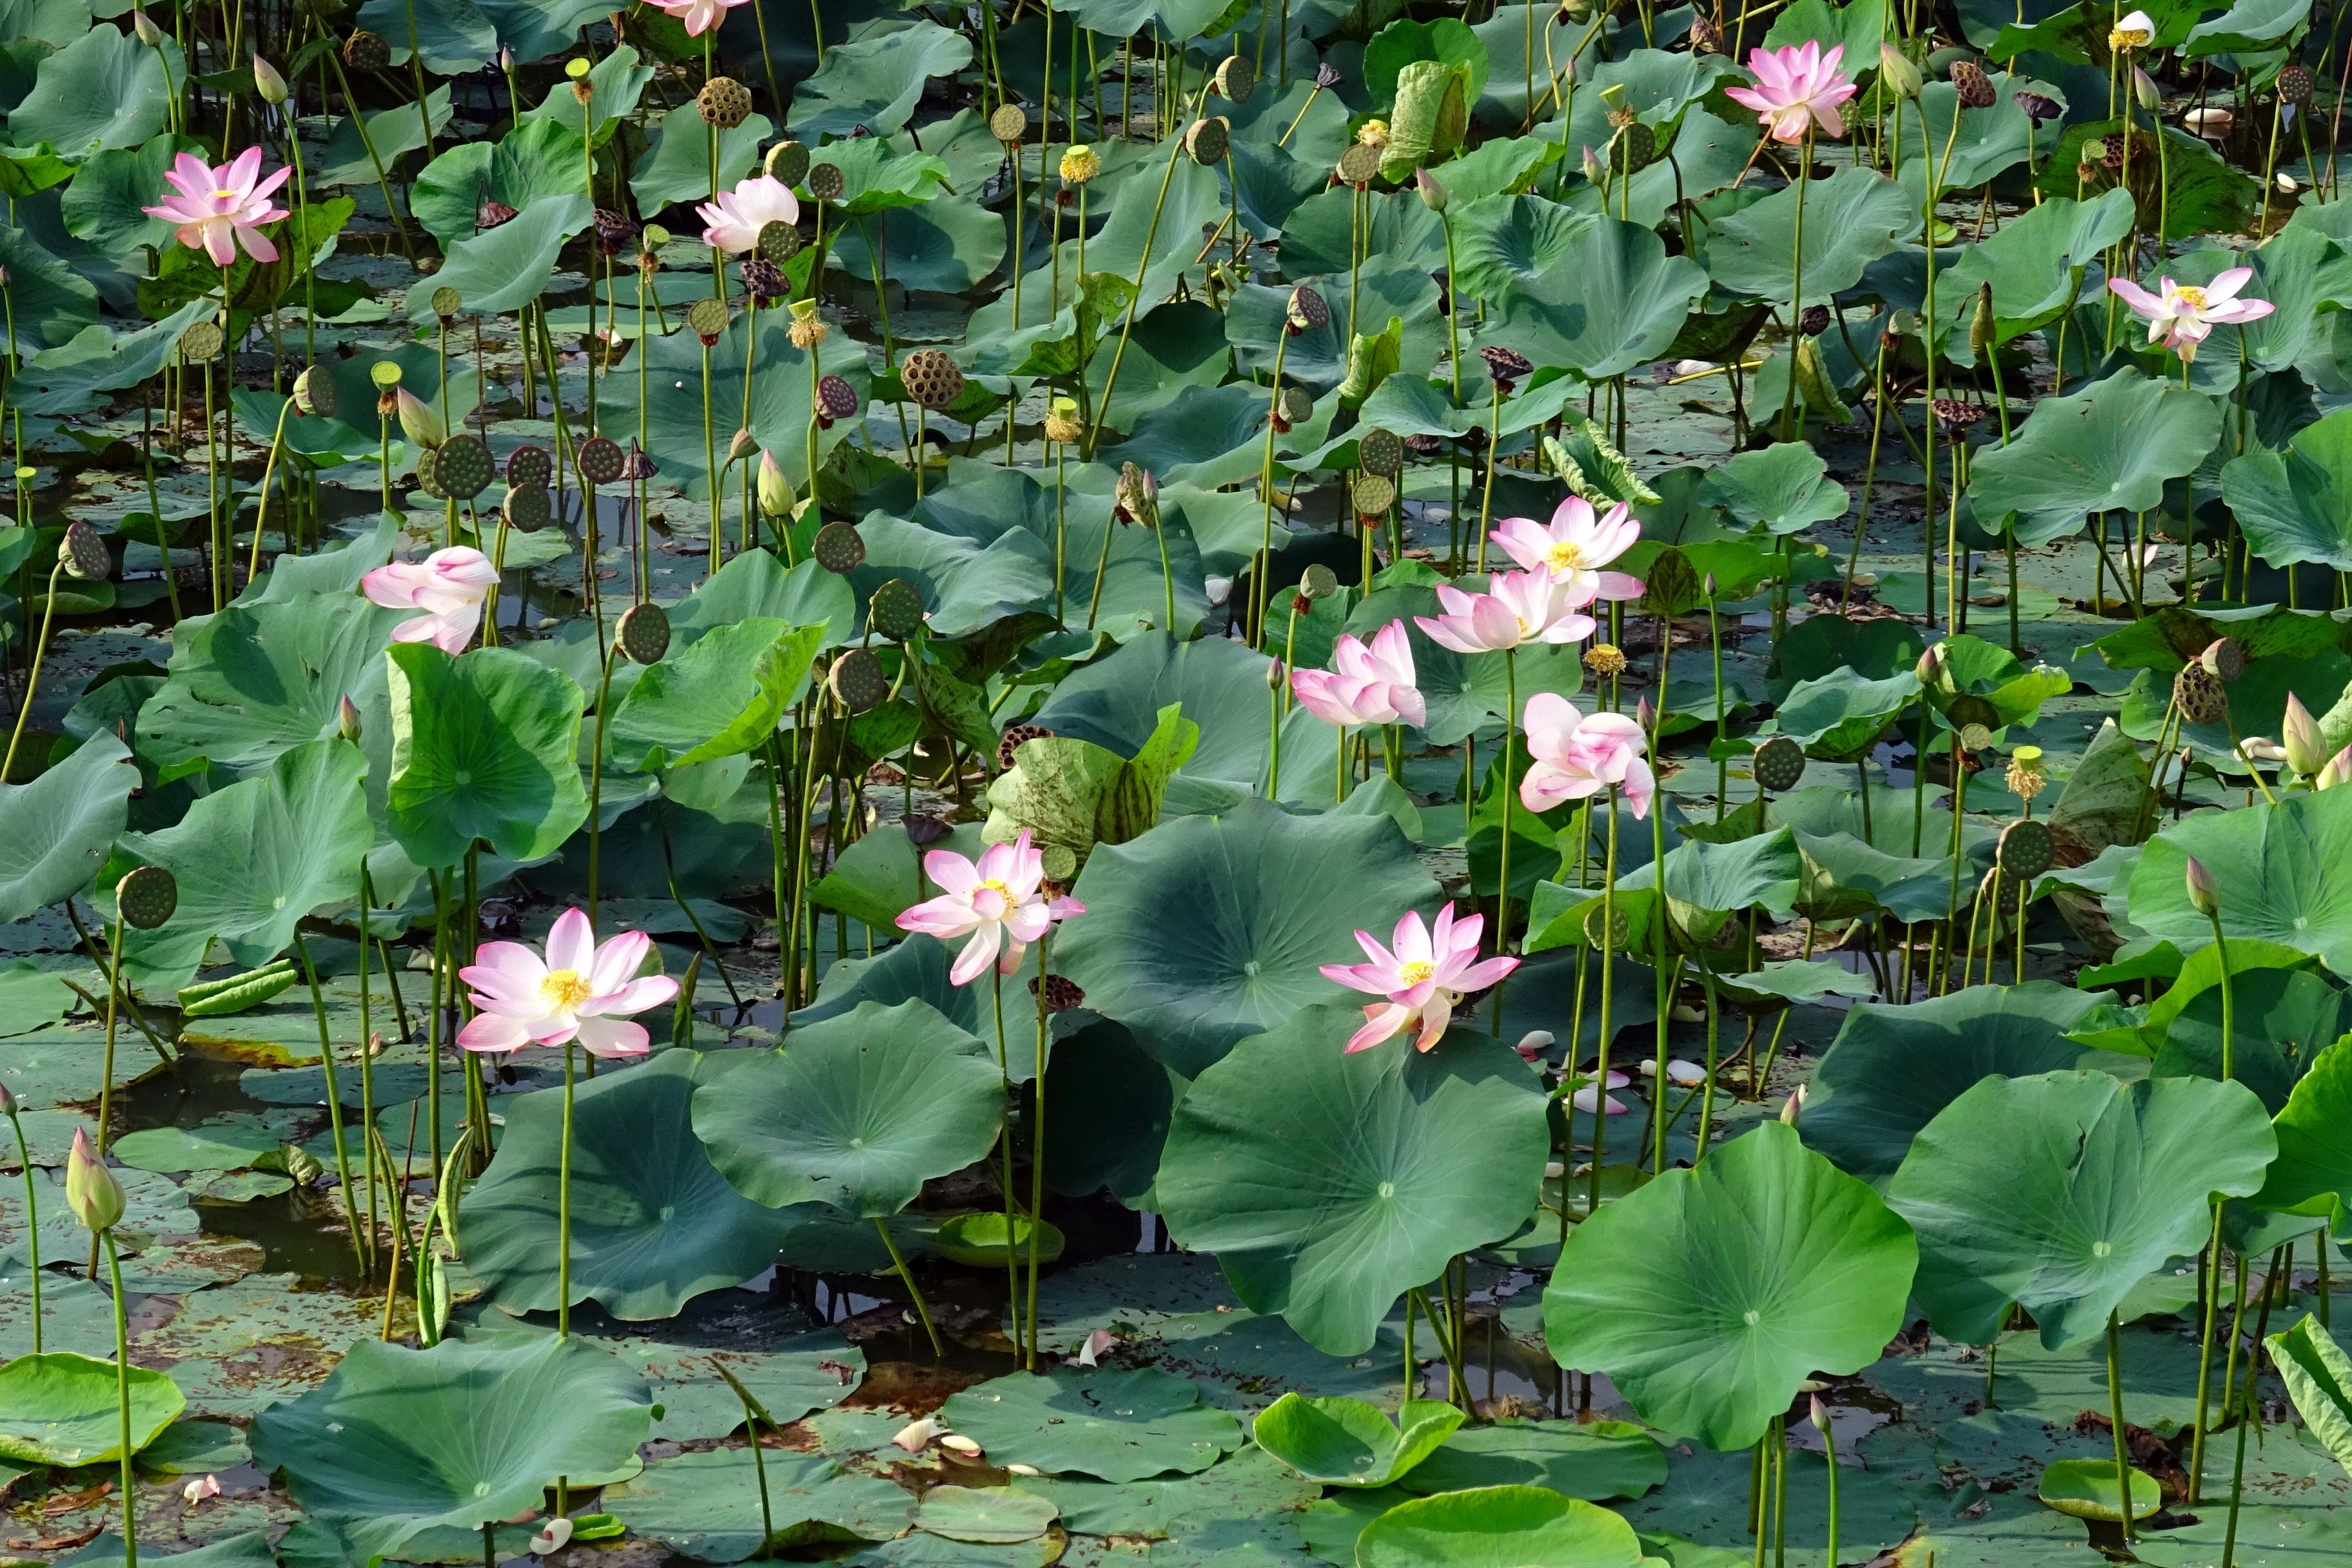 free images : nature, blossom, leaf, flower, bloom, pond, botany